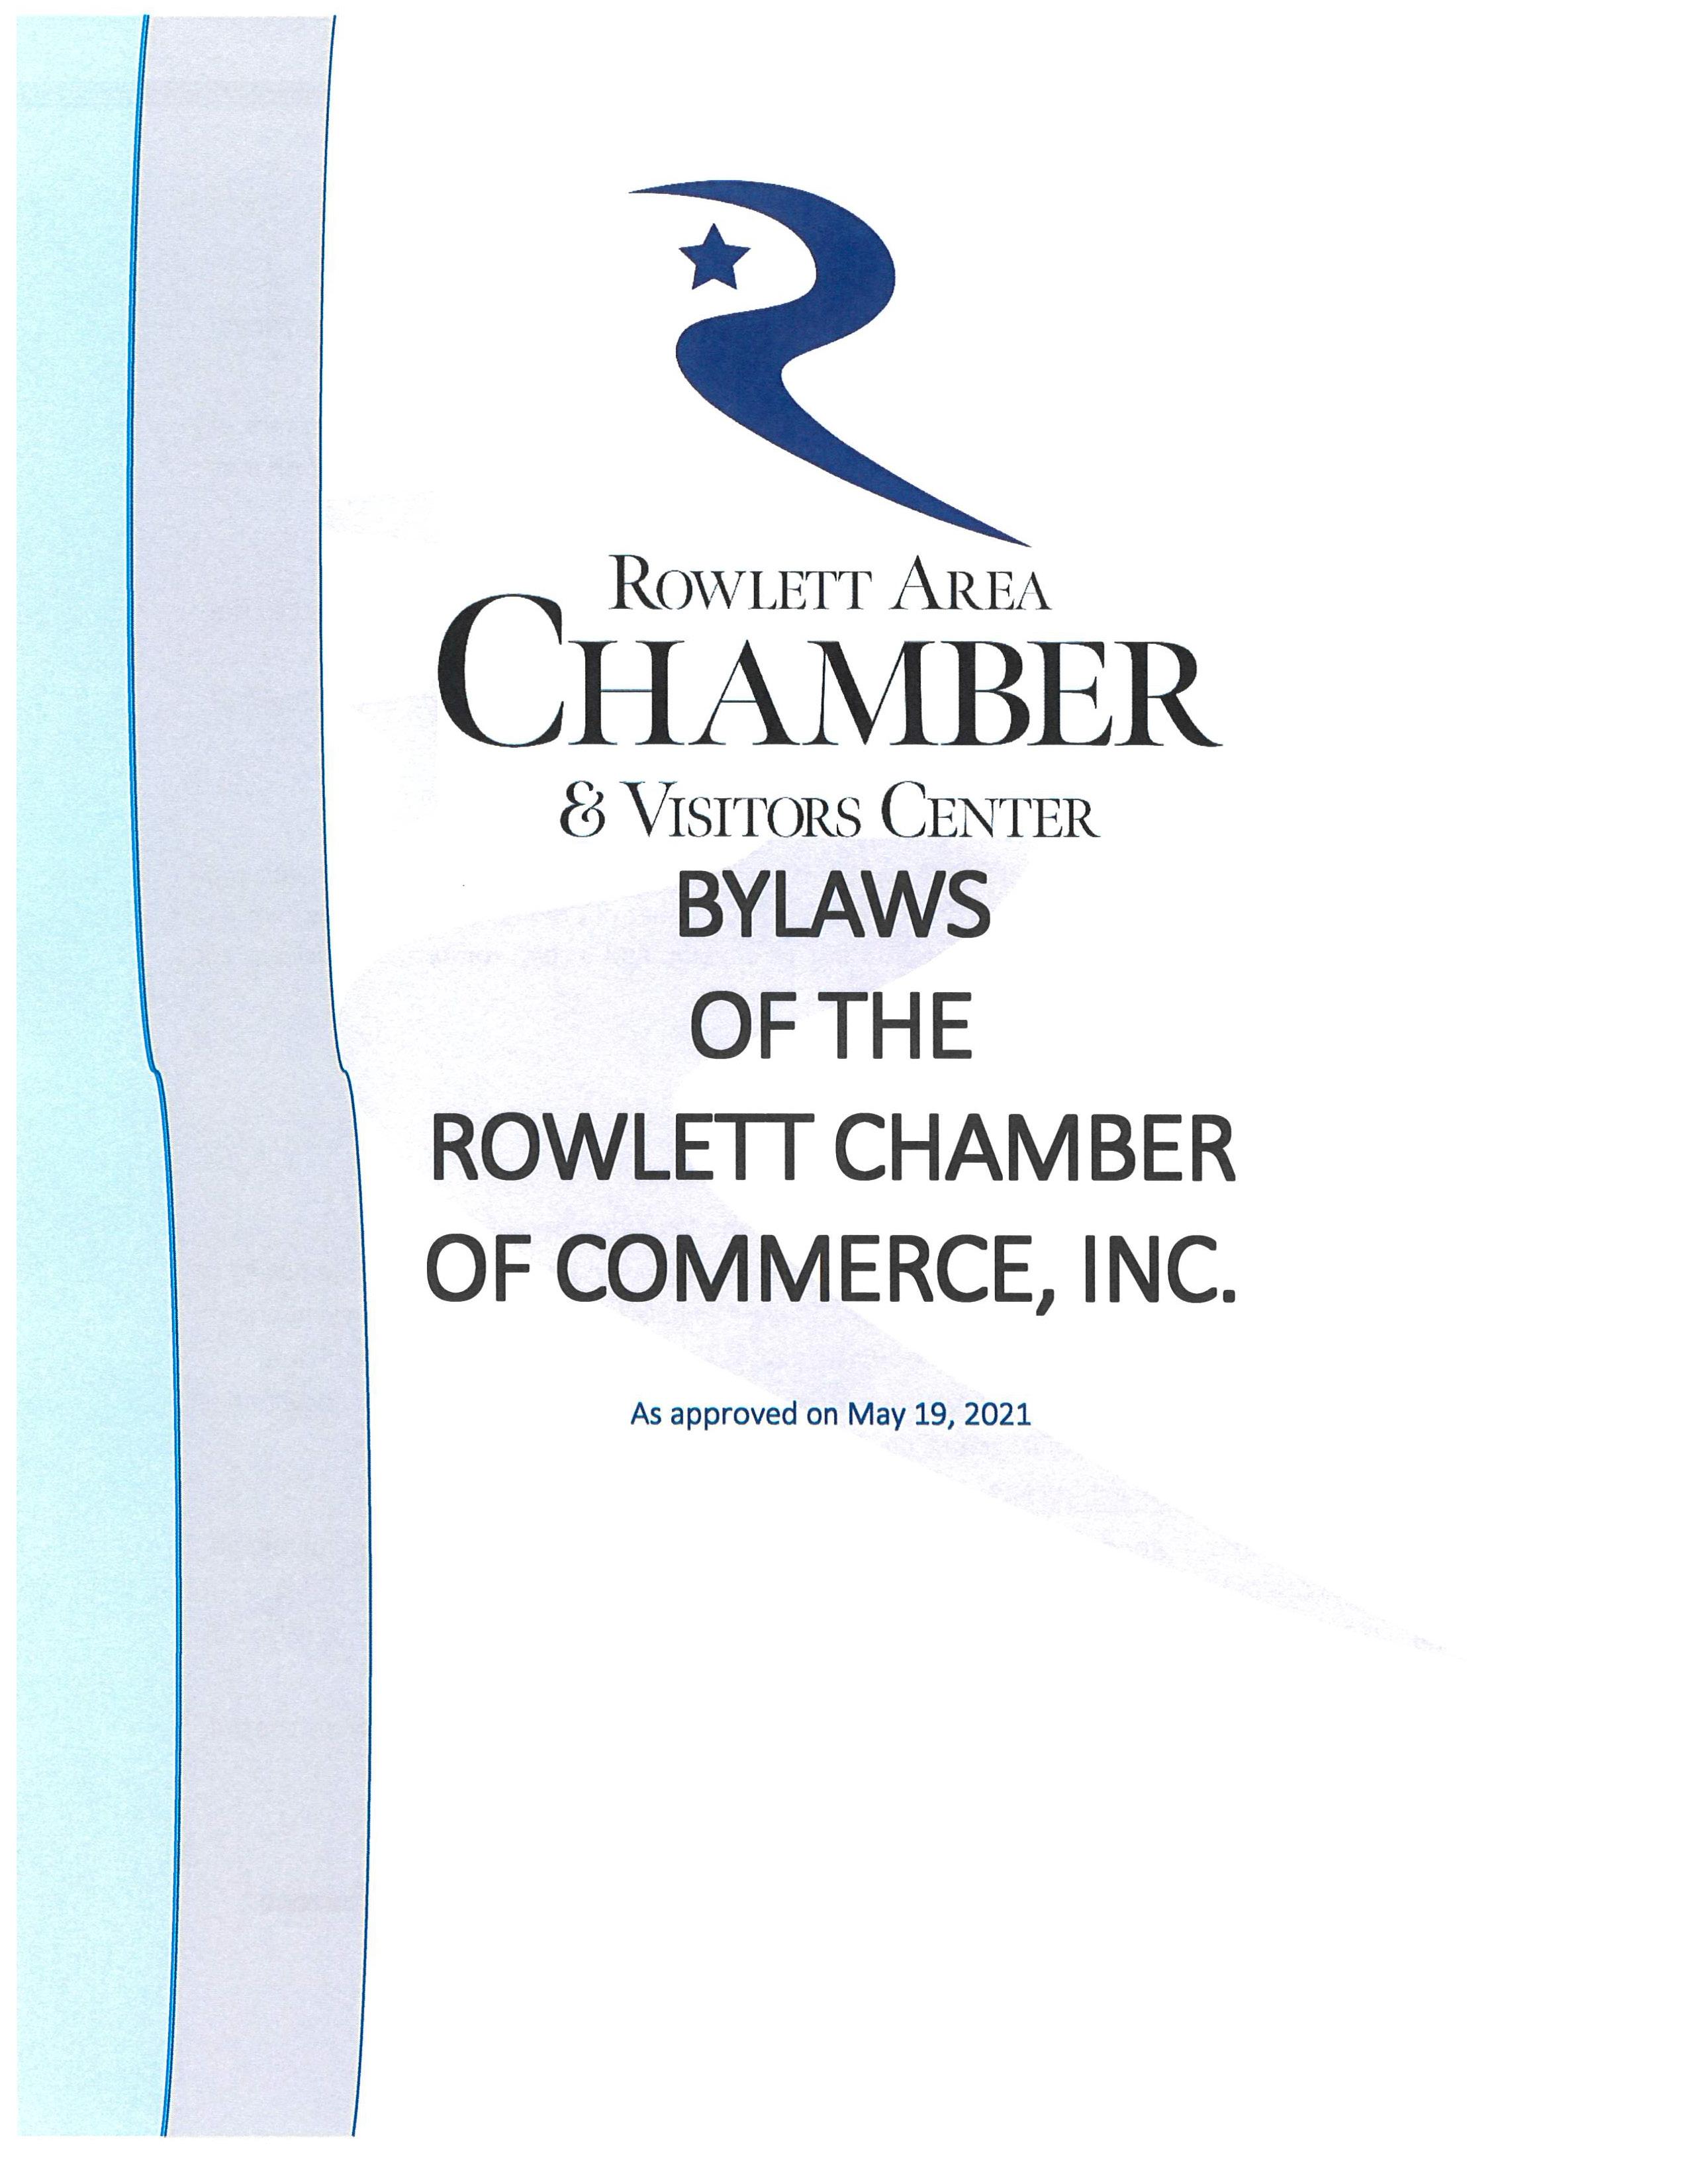 Rowlett Area Chamber Bylaws